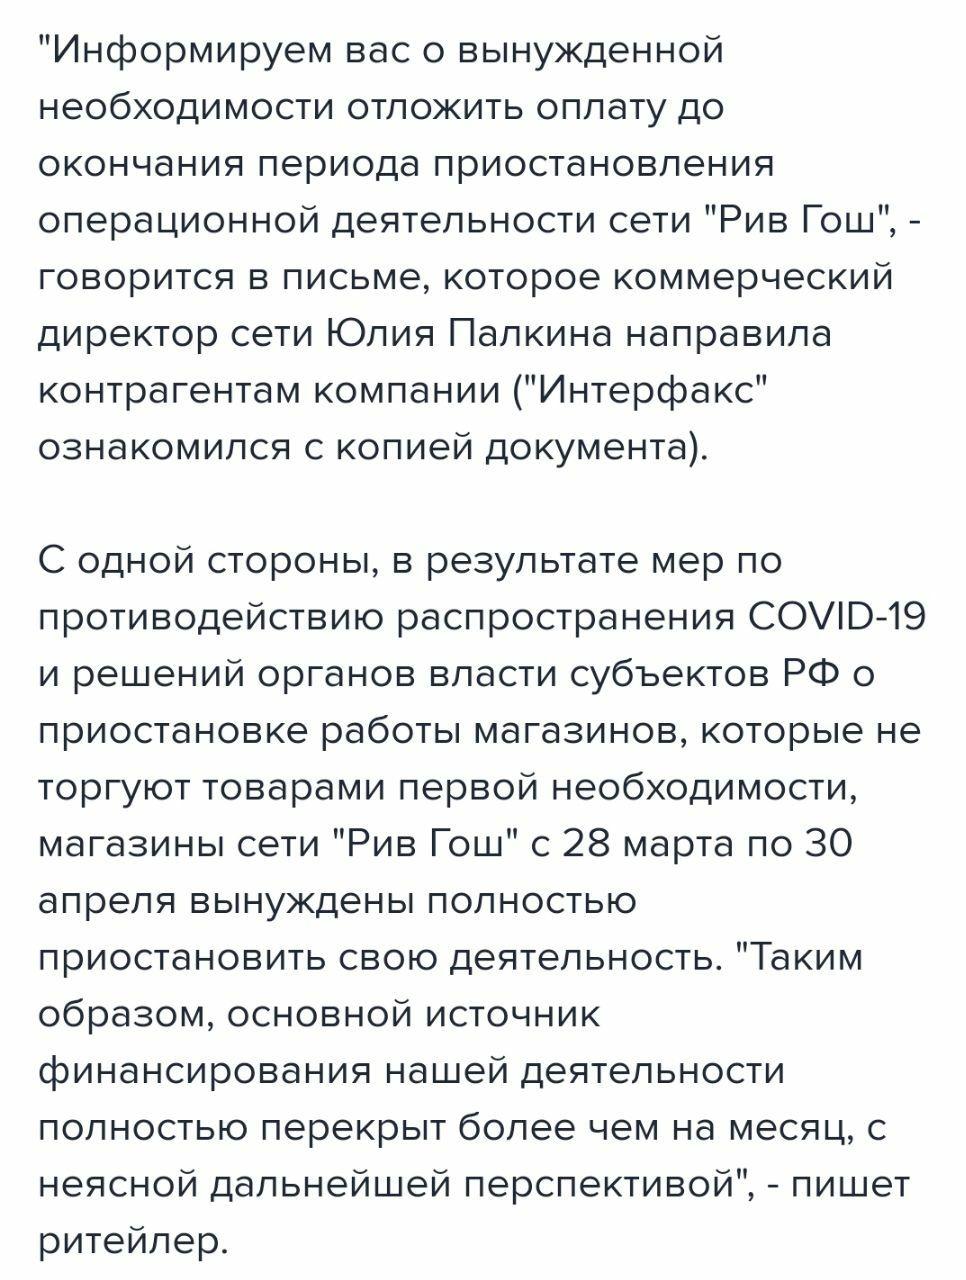 """""""Ничто так не укрепляет доверие,как предоплата"""" власть,коронавирус,ретейлеры,россияне,экономика"""